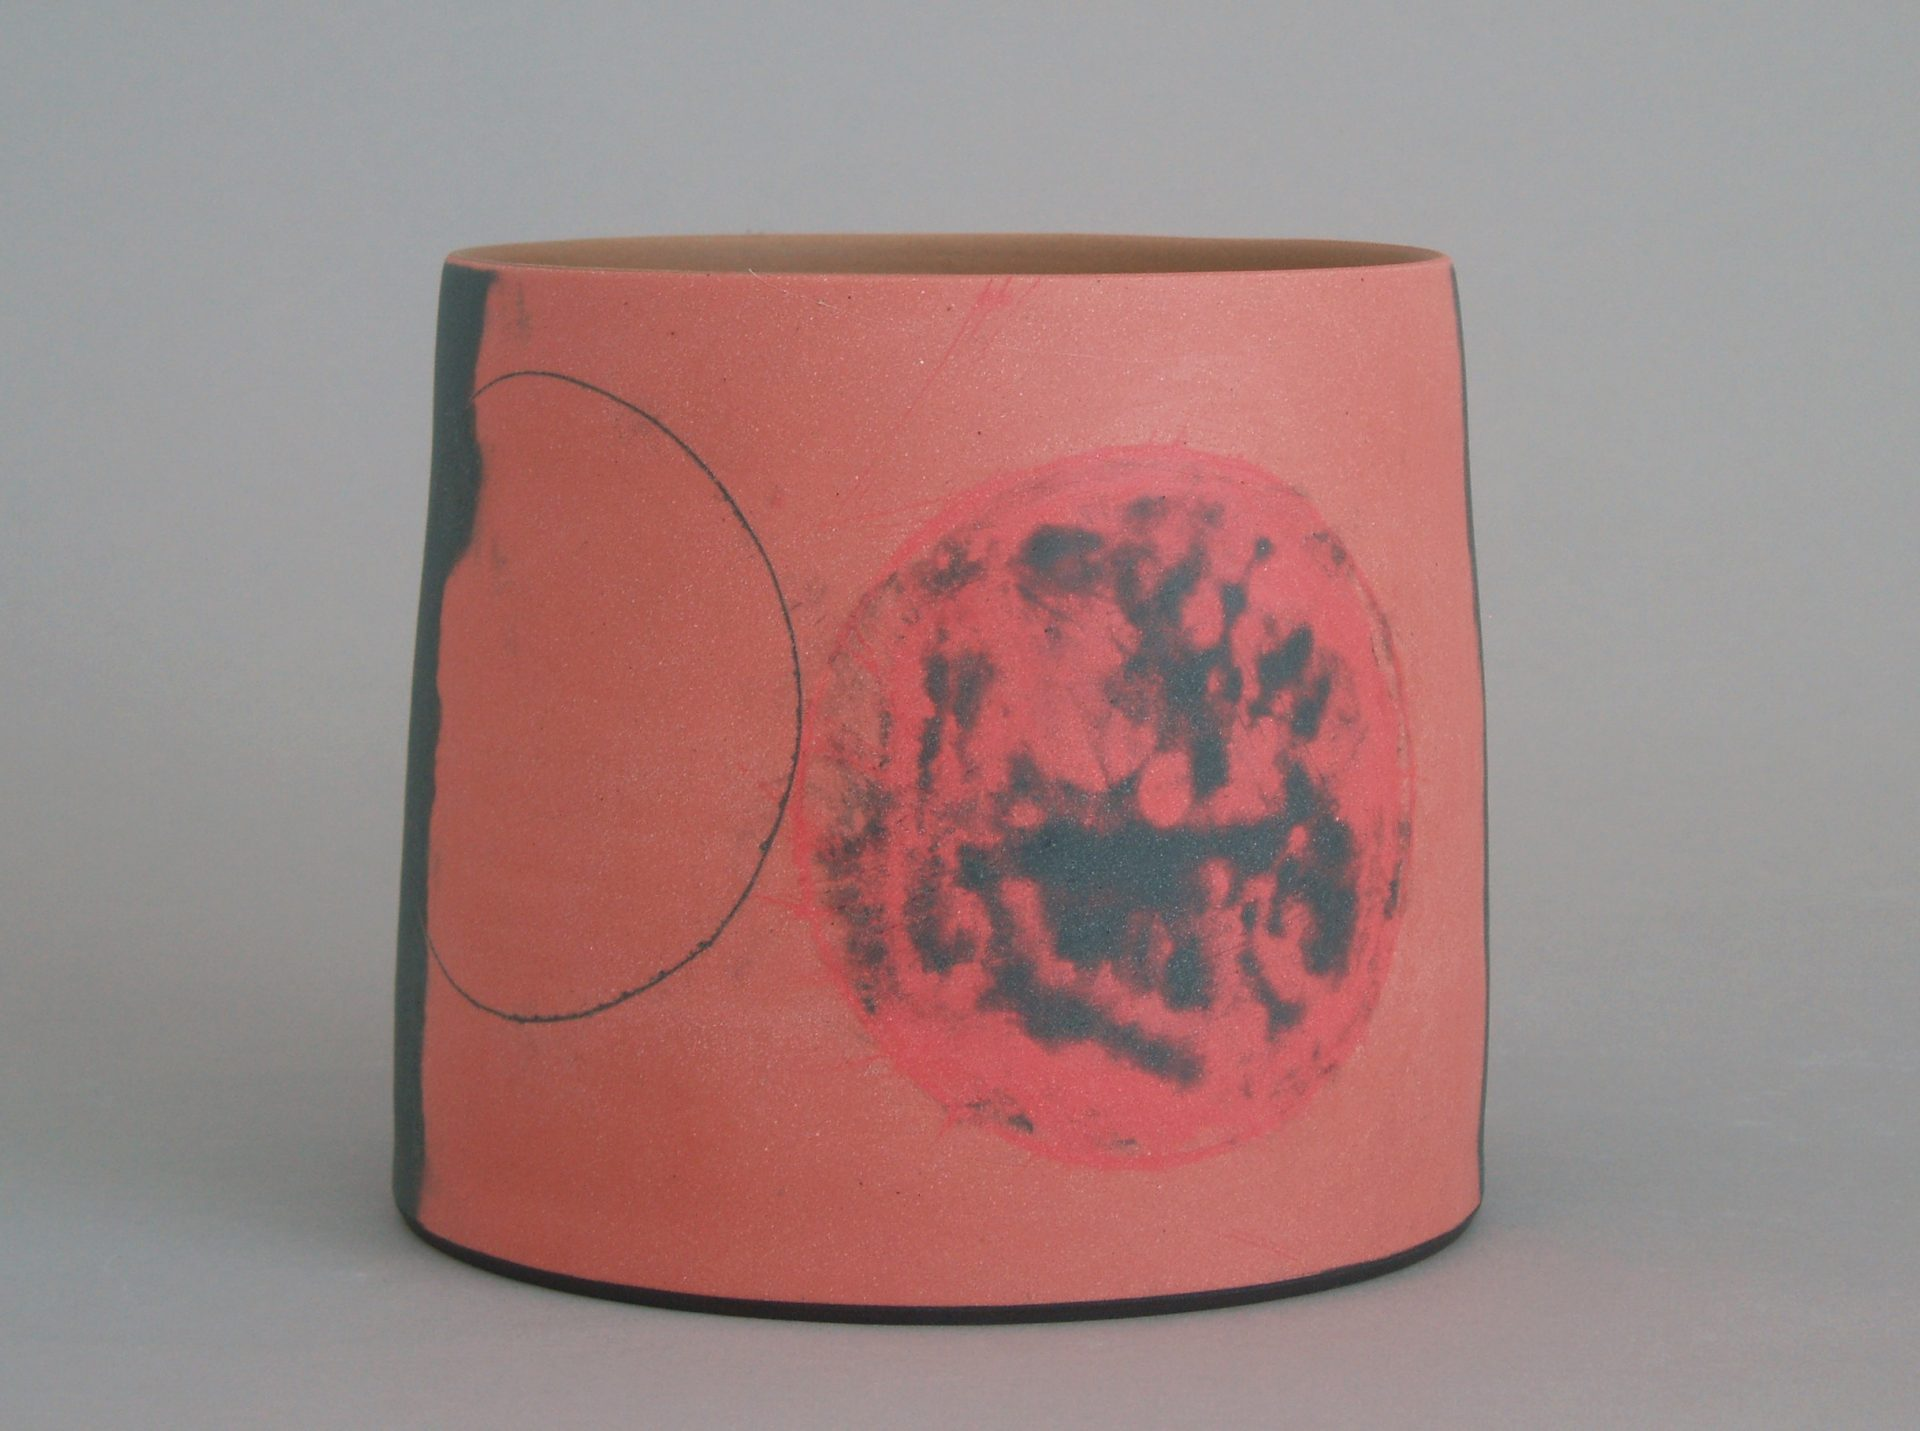 90-red-circle-h10.5cm-oct-13-£295